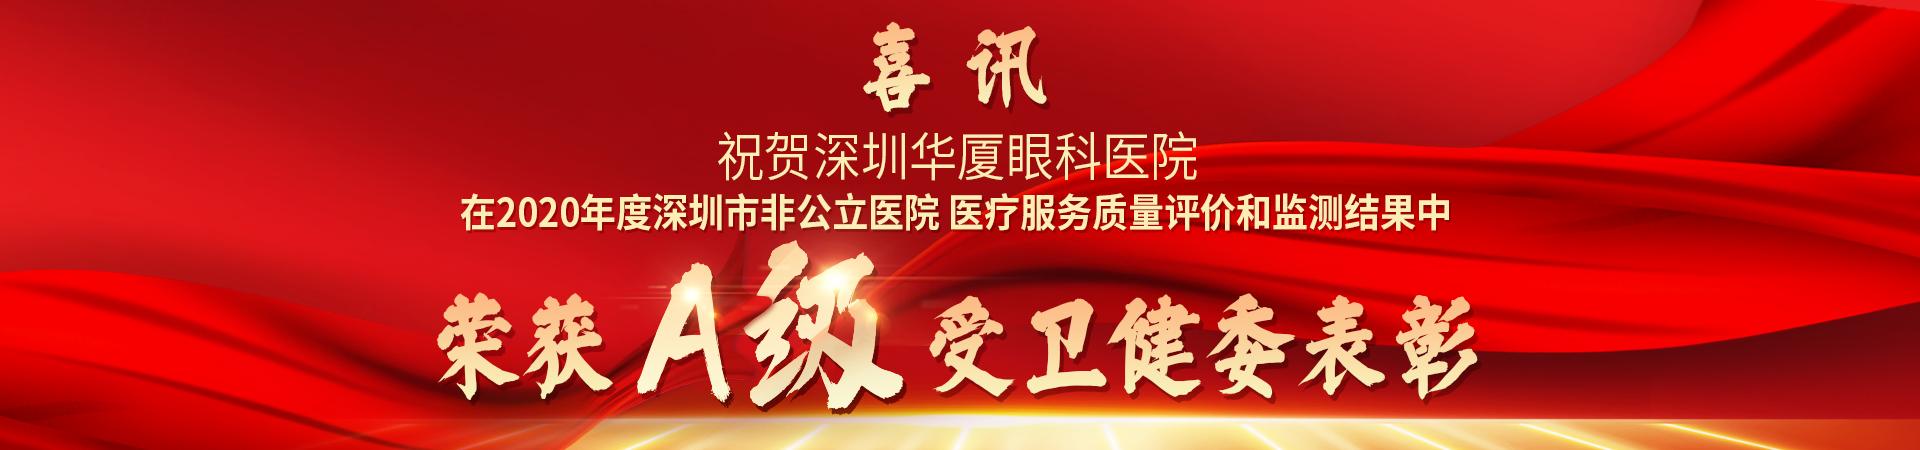 喜讯祝贺深圳华厦眼科医院在2020年度非公立医院医疗服务质量评价和监测结果中荣获A级表彰